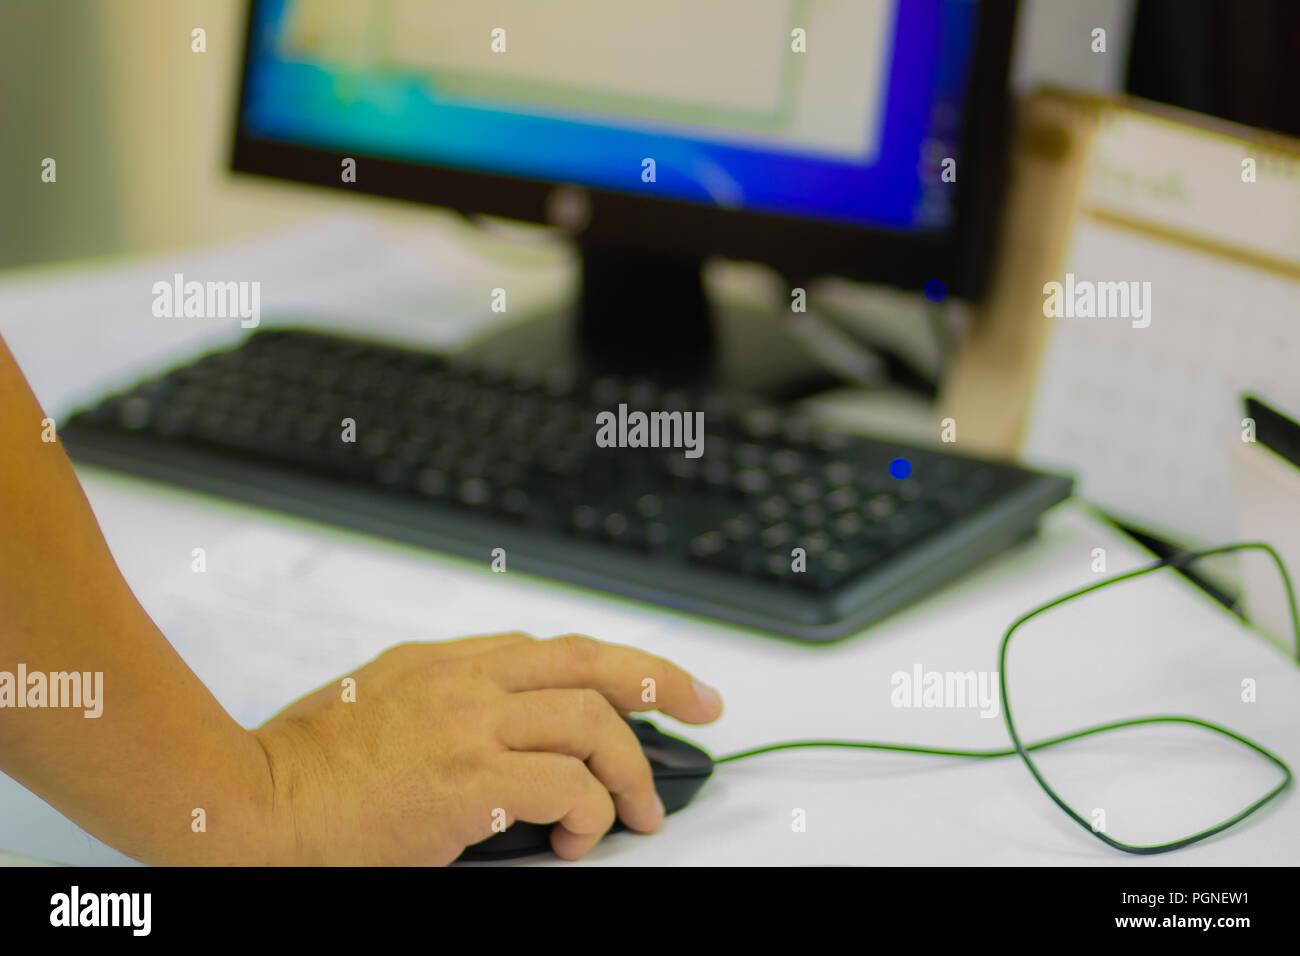 keyboard testing program